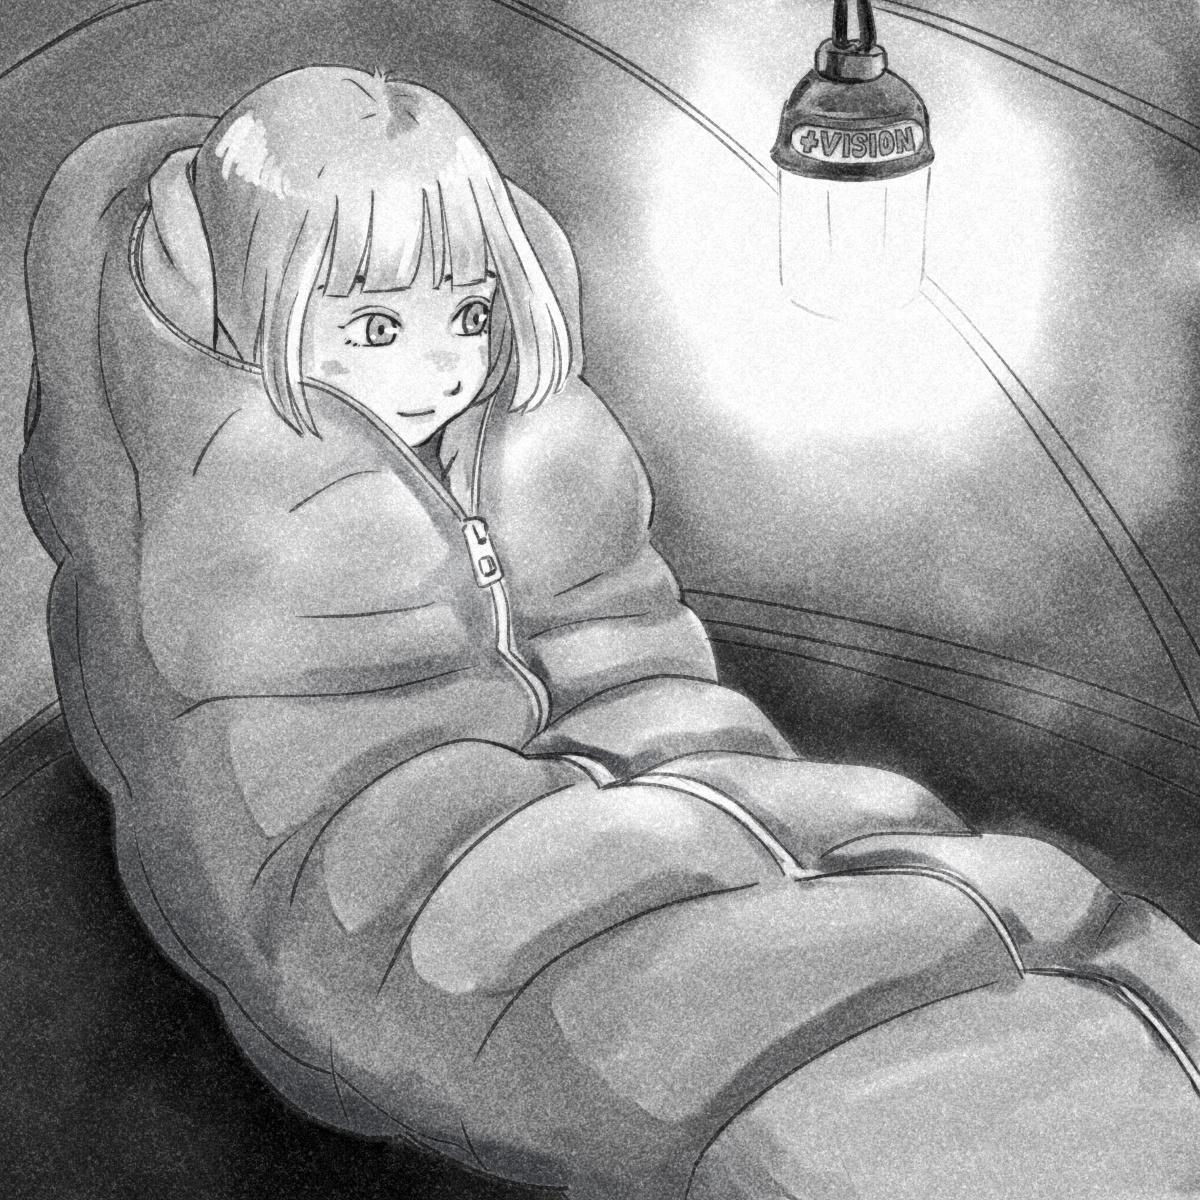 極寒でも快適睡眠、快適性を向上させた寝袋